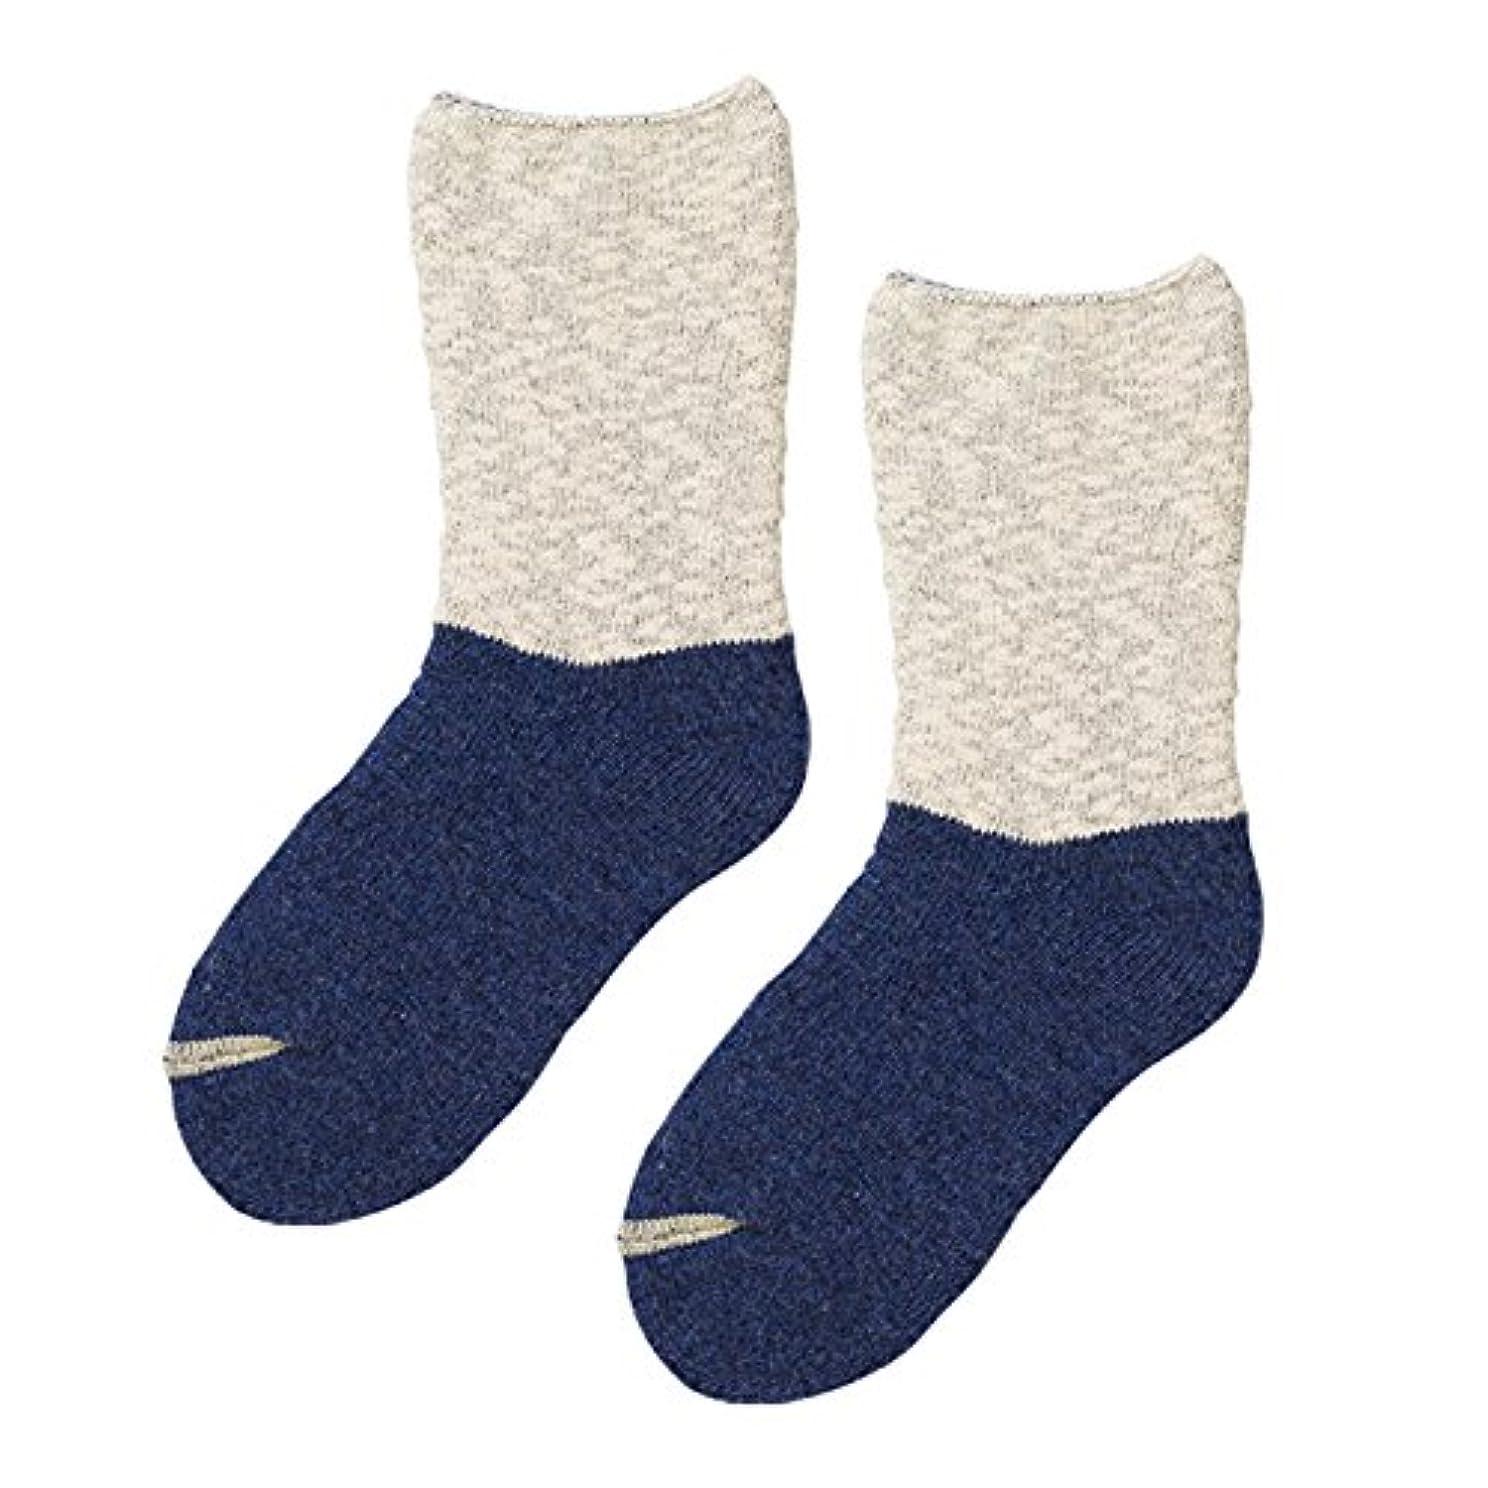 ぞっとするような蓋ダイアクリティカル砂山靴下 Carelance(ケアランス) お風呂上りの靴下 コットンパイル 8591CA-70 ブルー